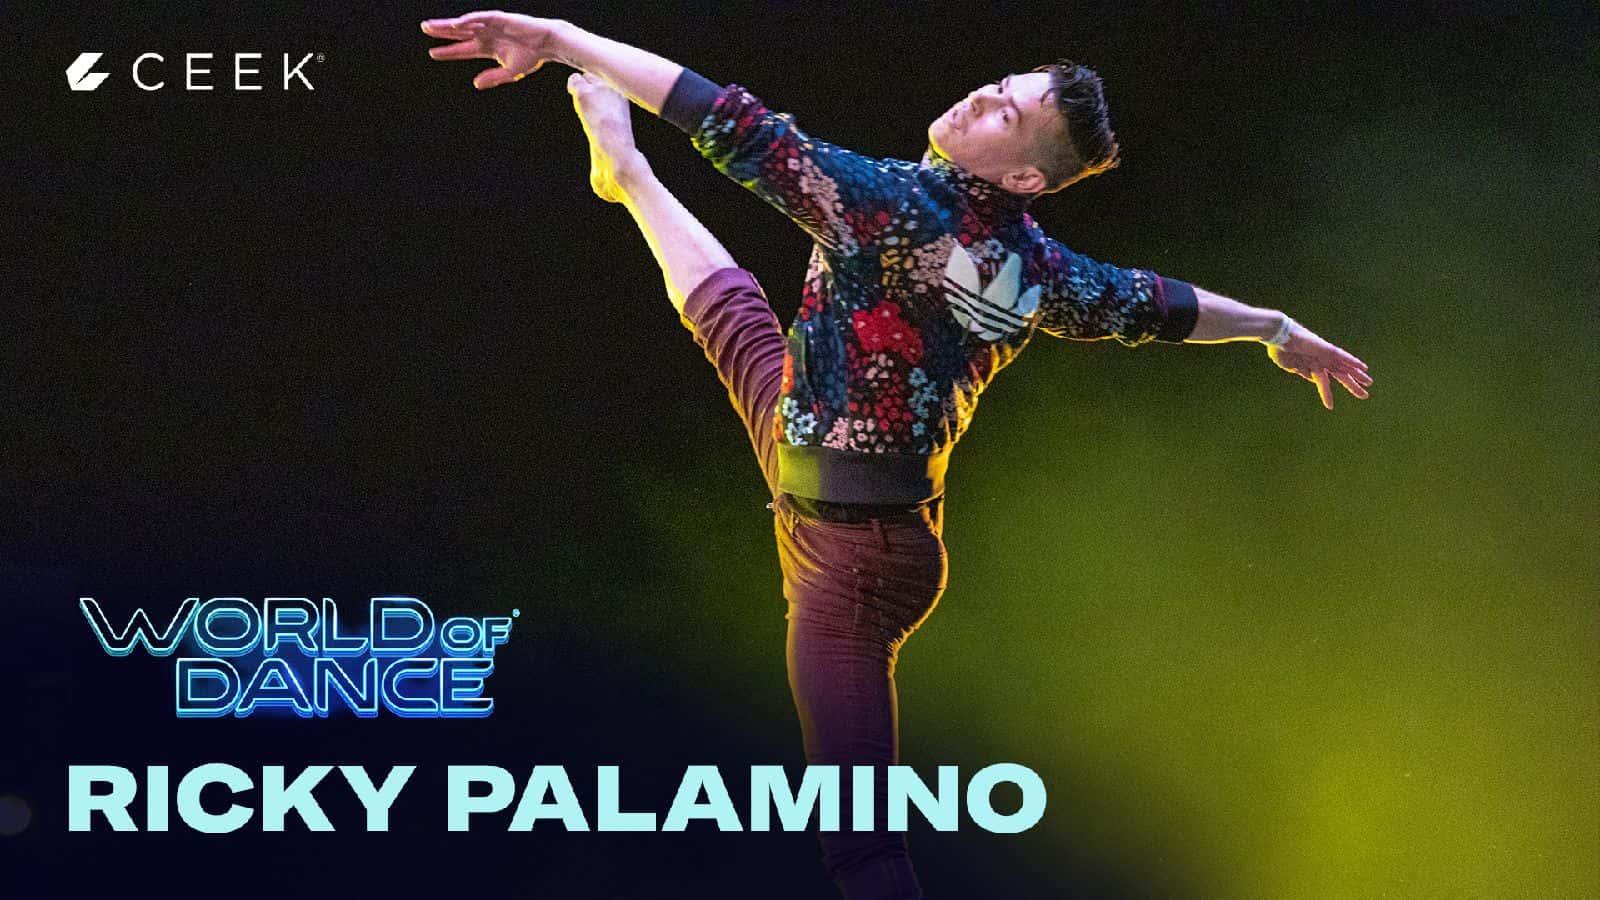 Ricky Palamino